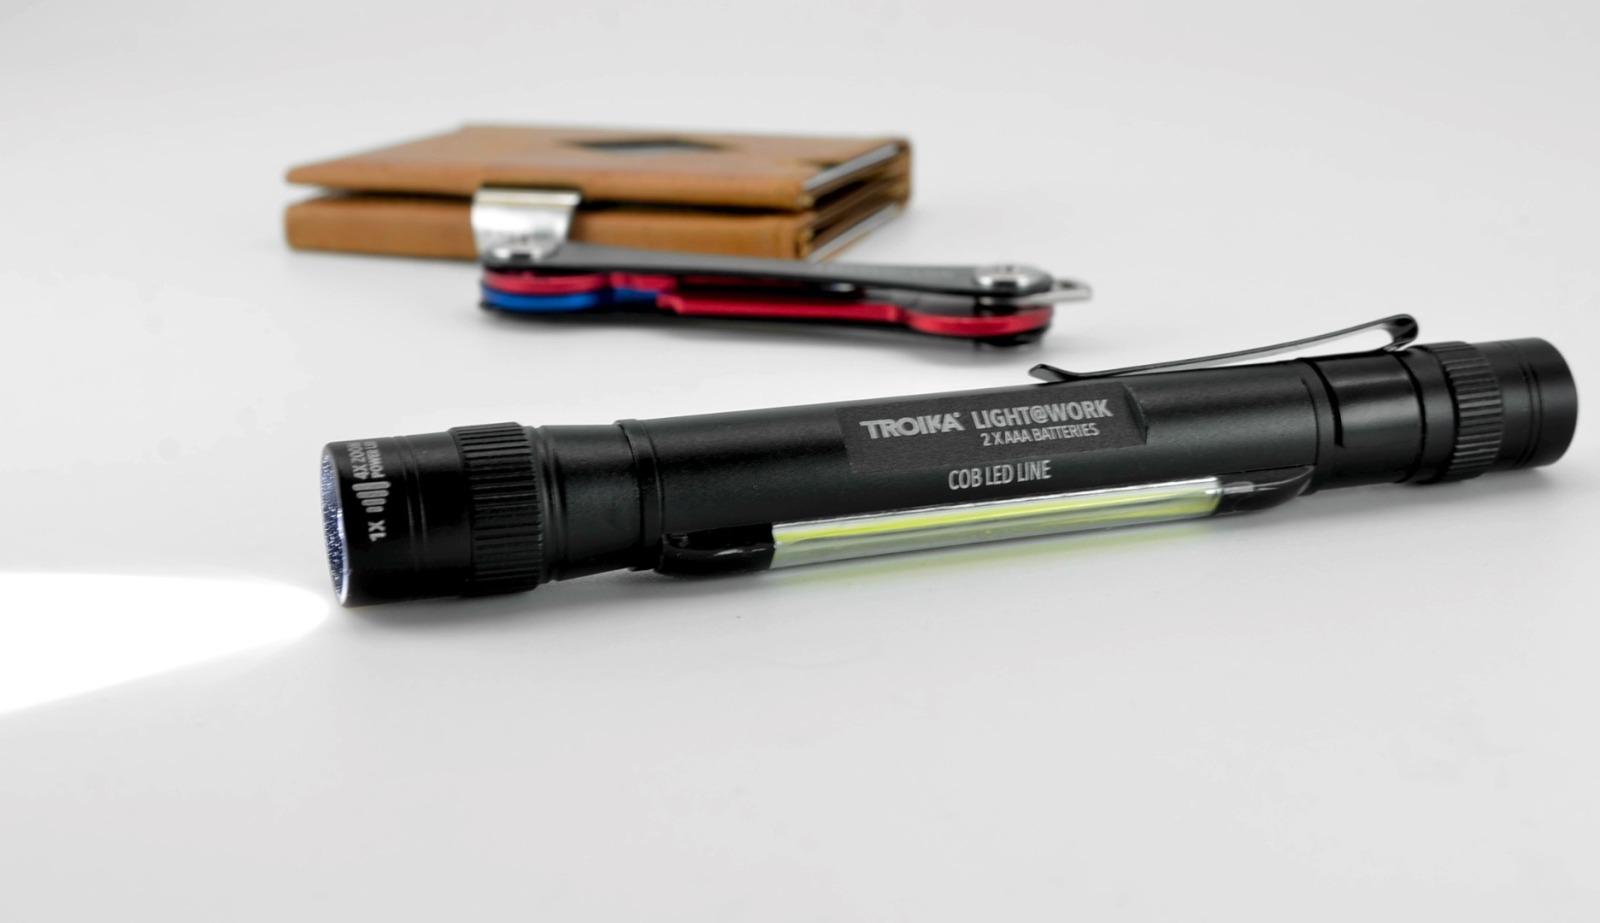 LED-Taschenlampe LIGHT WORK - Schwarz - 4